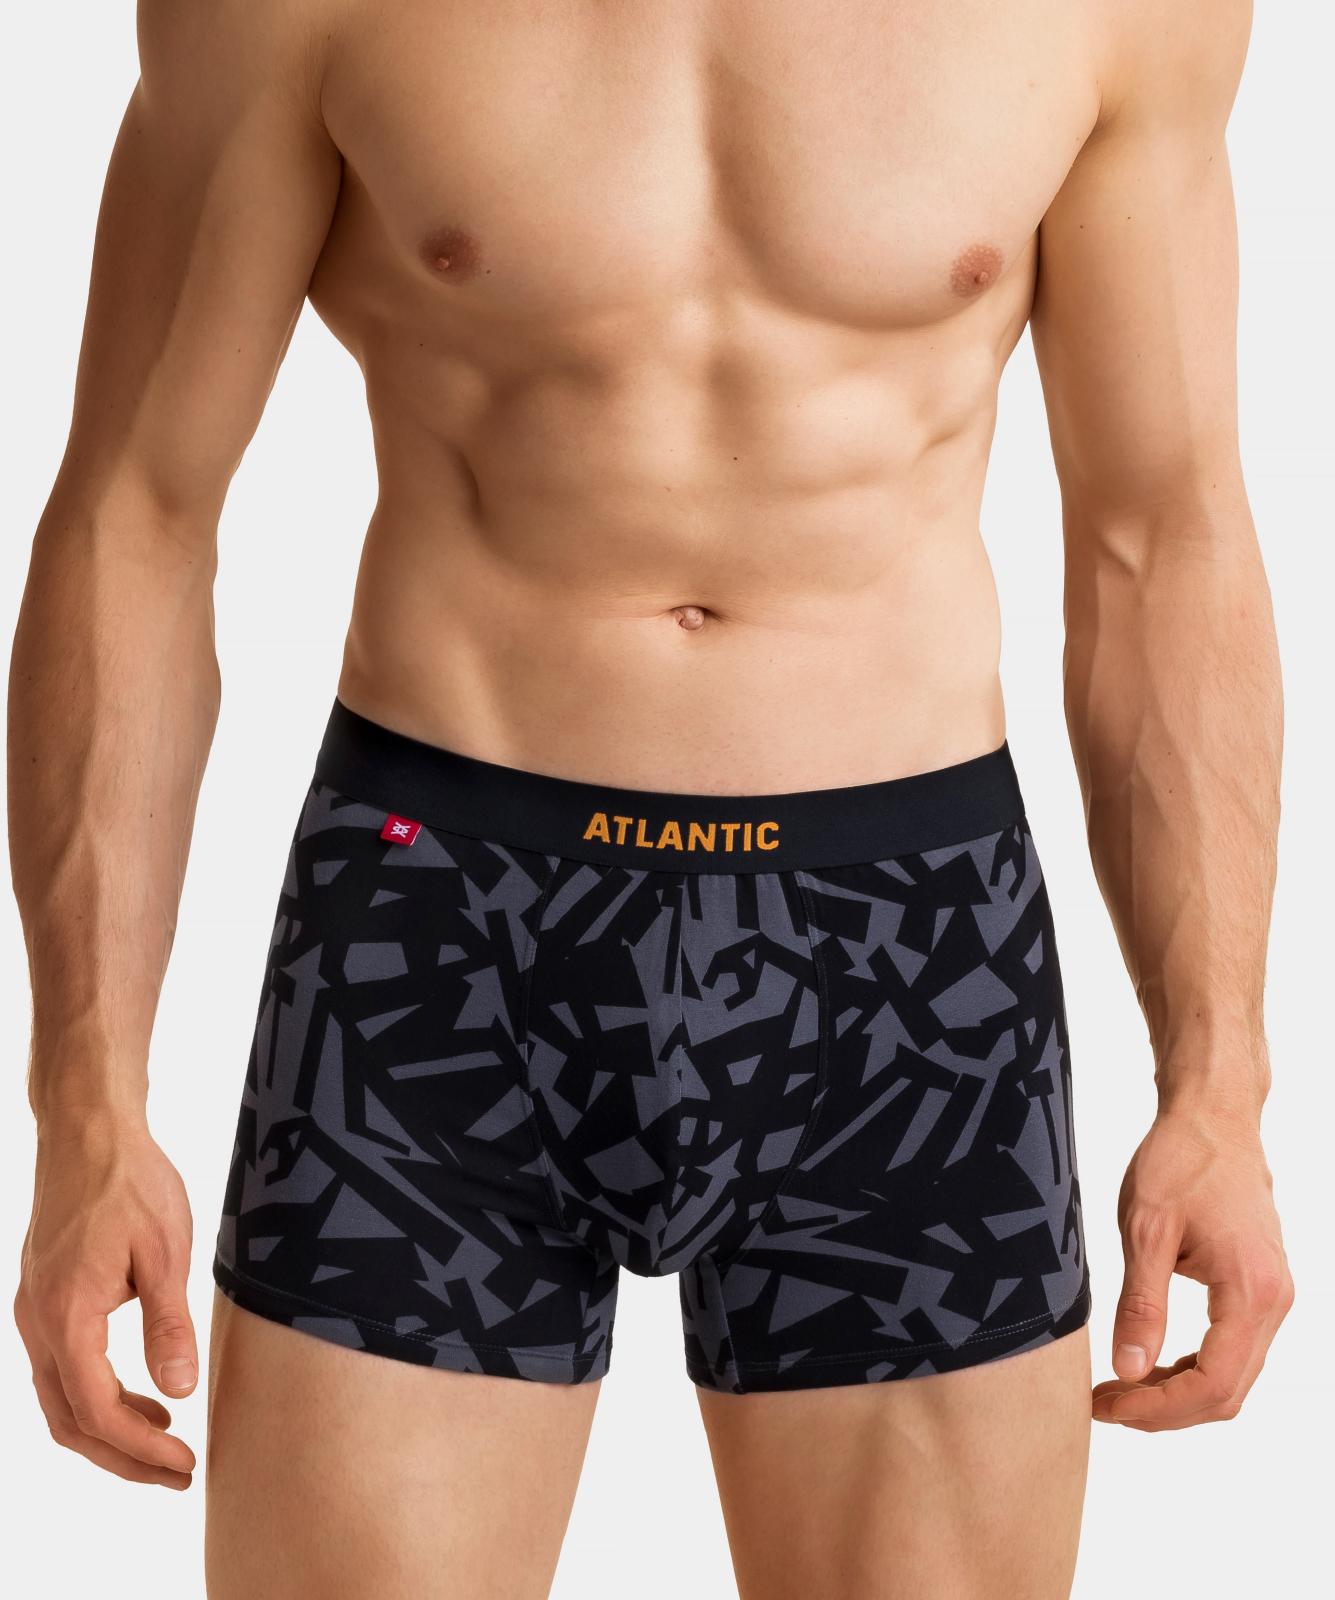 Мужские трусы шорты Atlantic, набор из 3 шт., хлопок, деним + черные + графит, 3MH-022